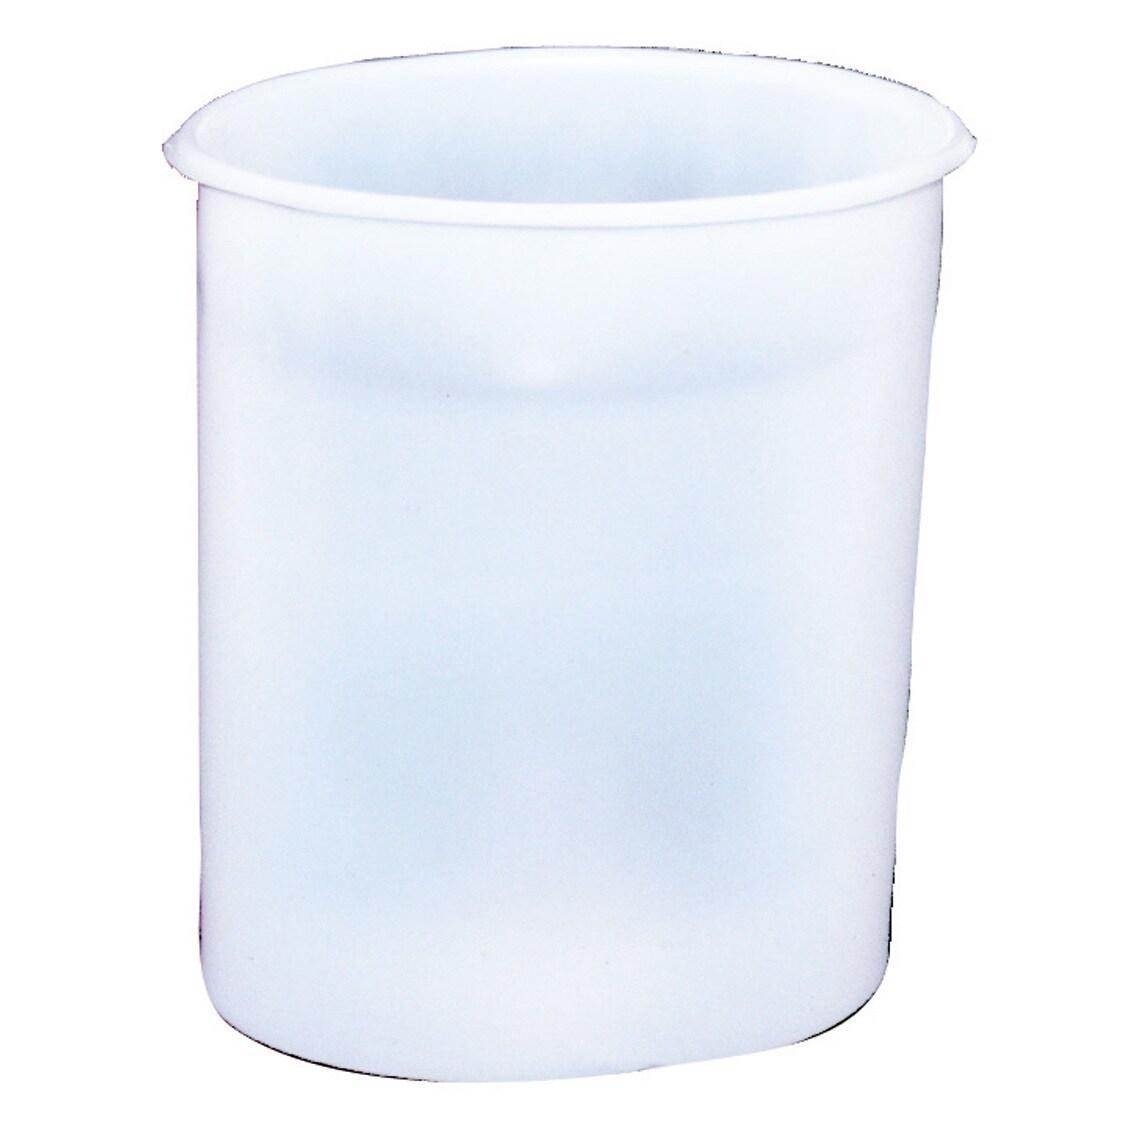 ENCORE 05175-500385 5 Gallon Pail Liner (Buckets, Guards ...